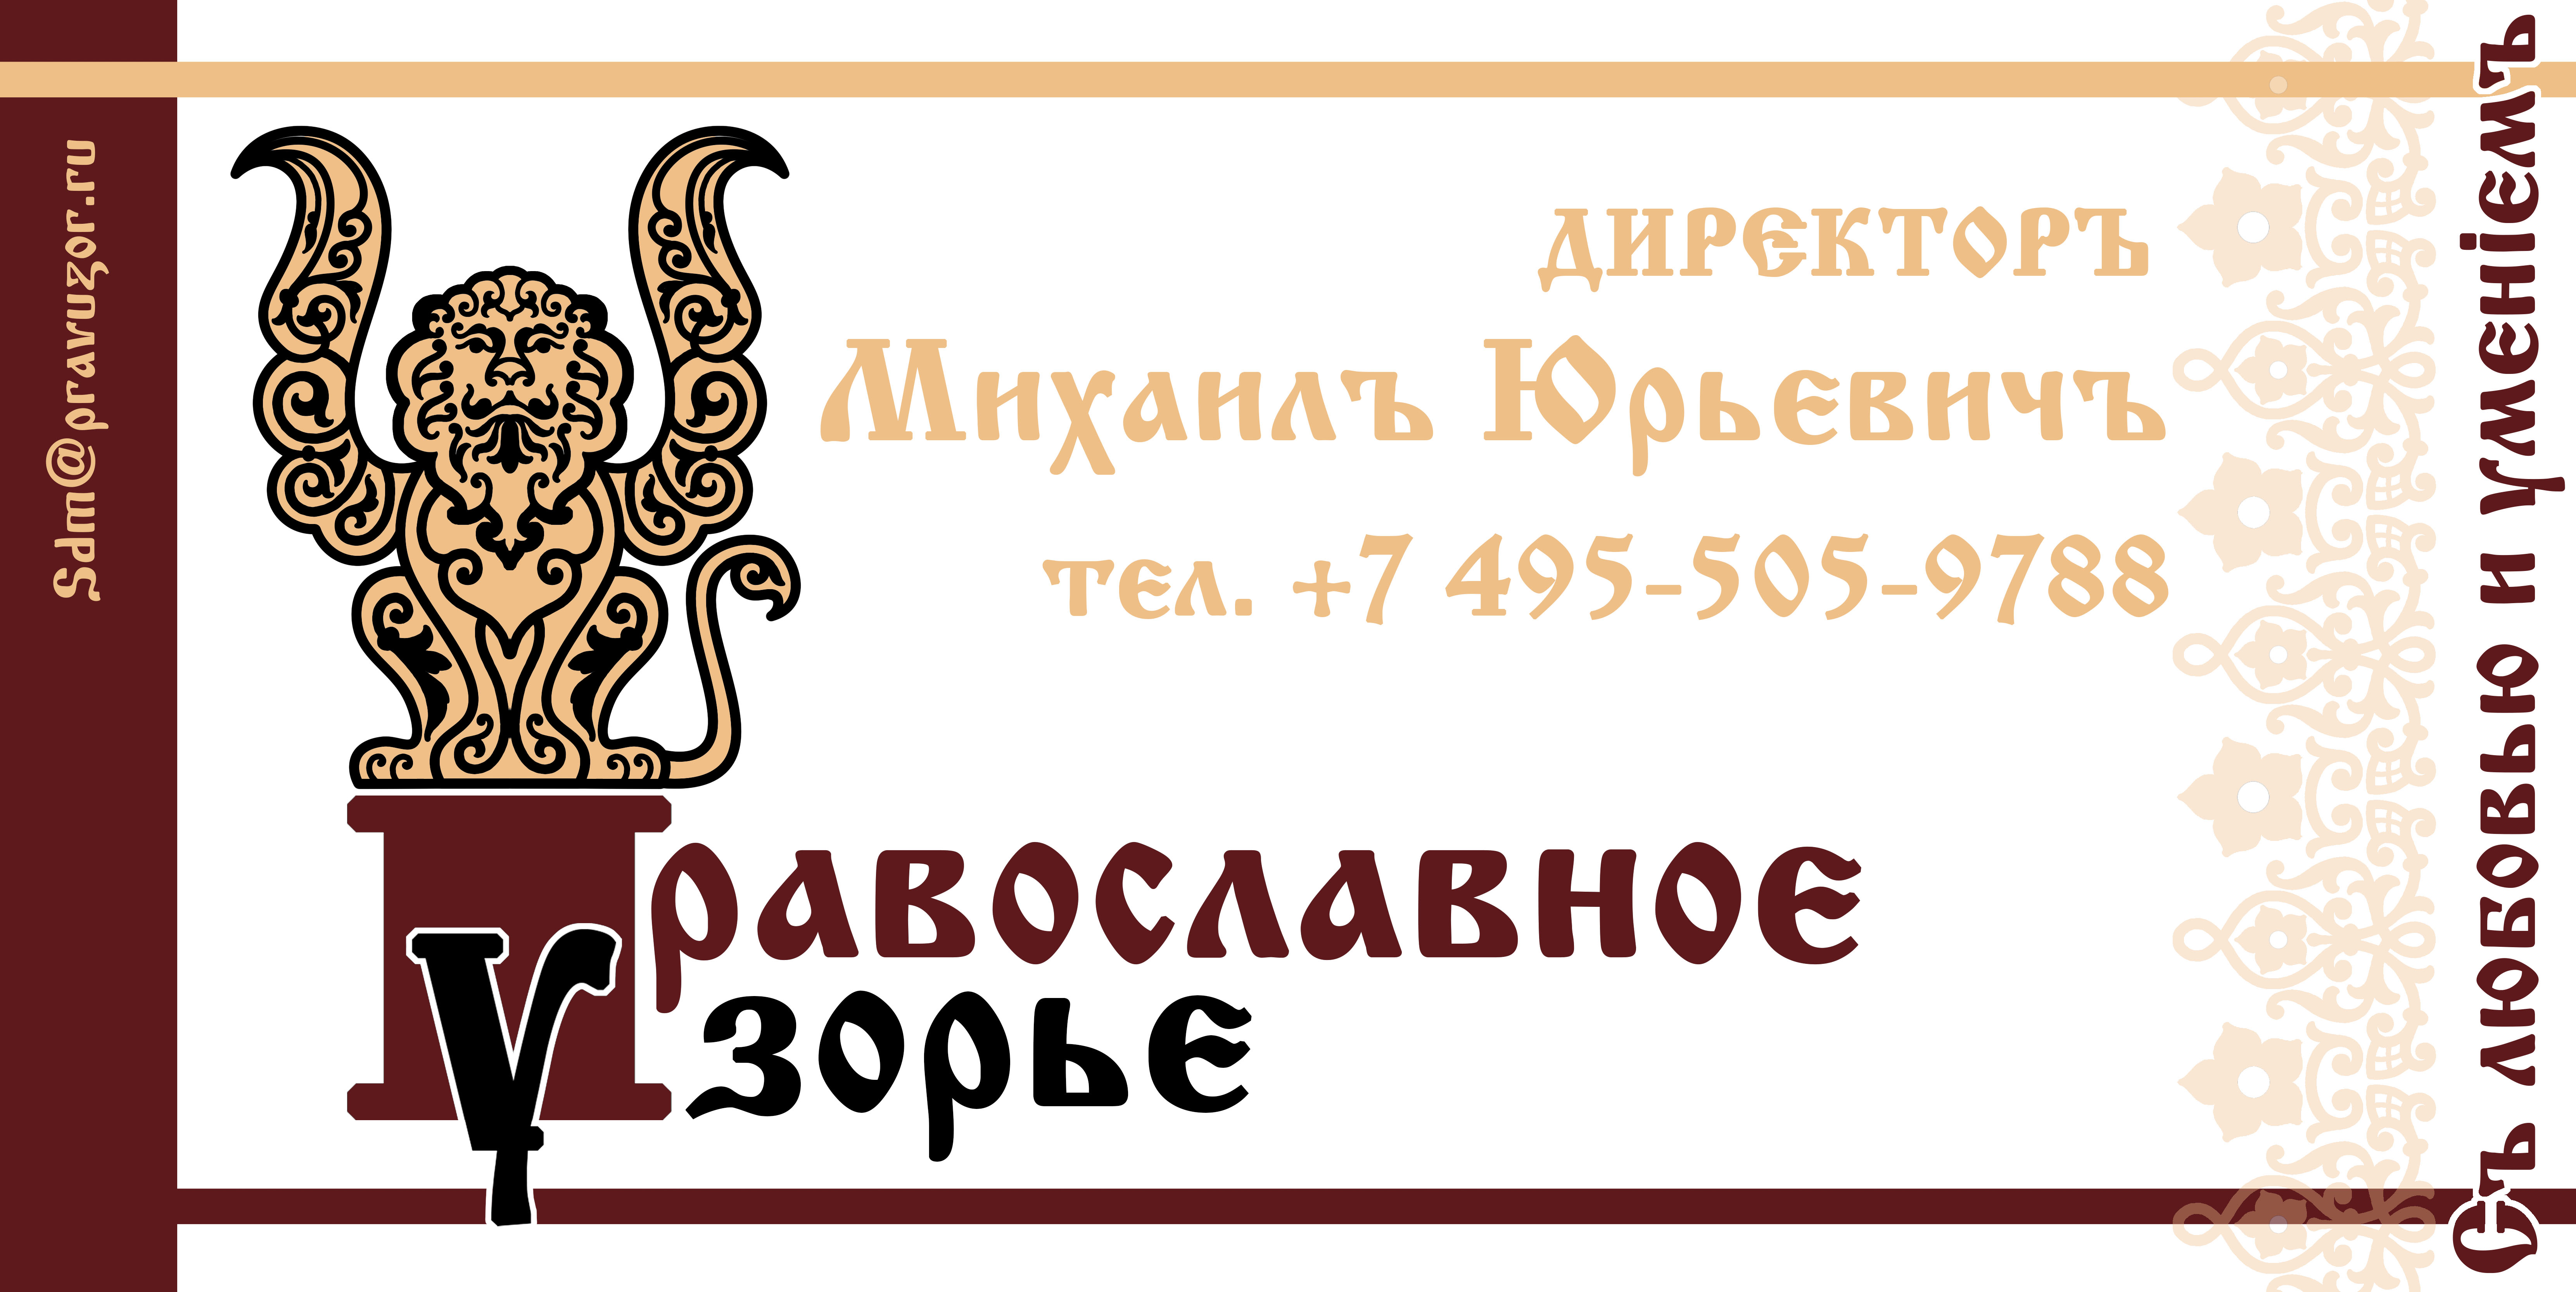 Логотип + визитка + сайт фото f_8495b0322324af6a.jpg